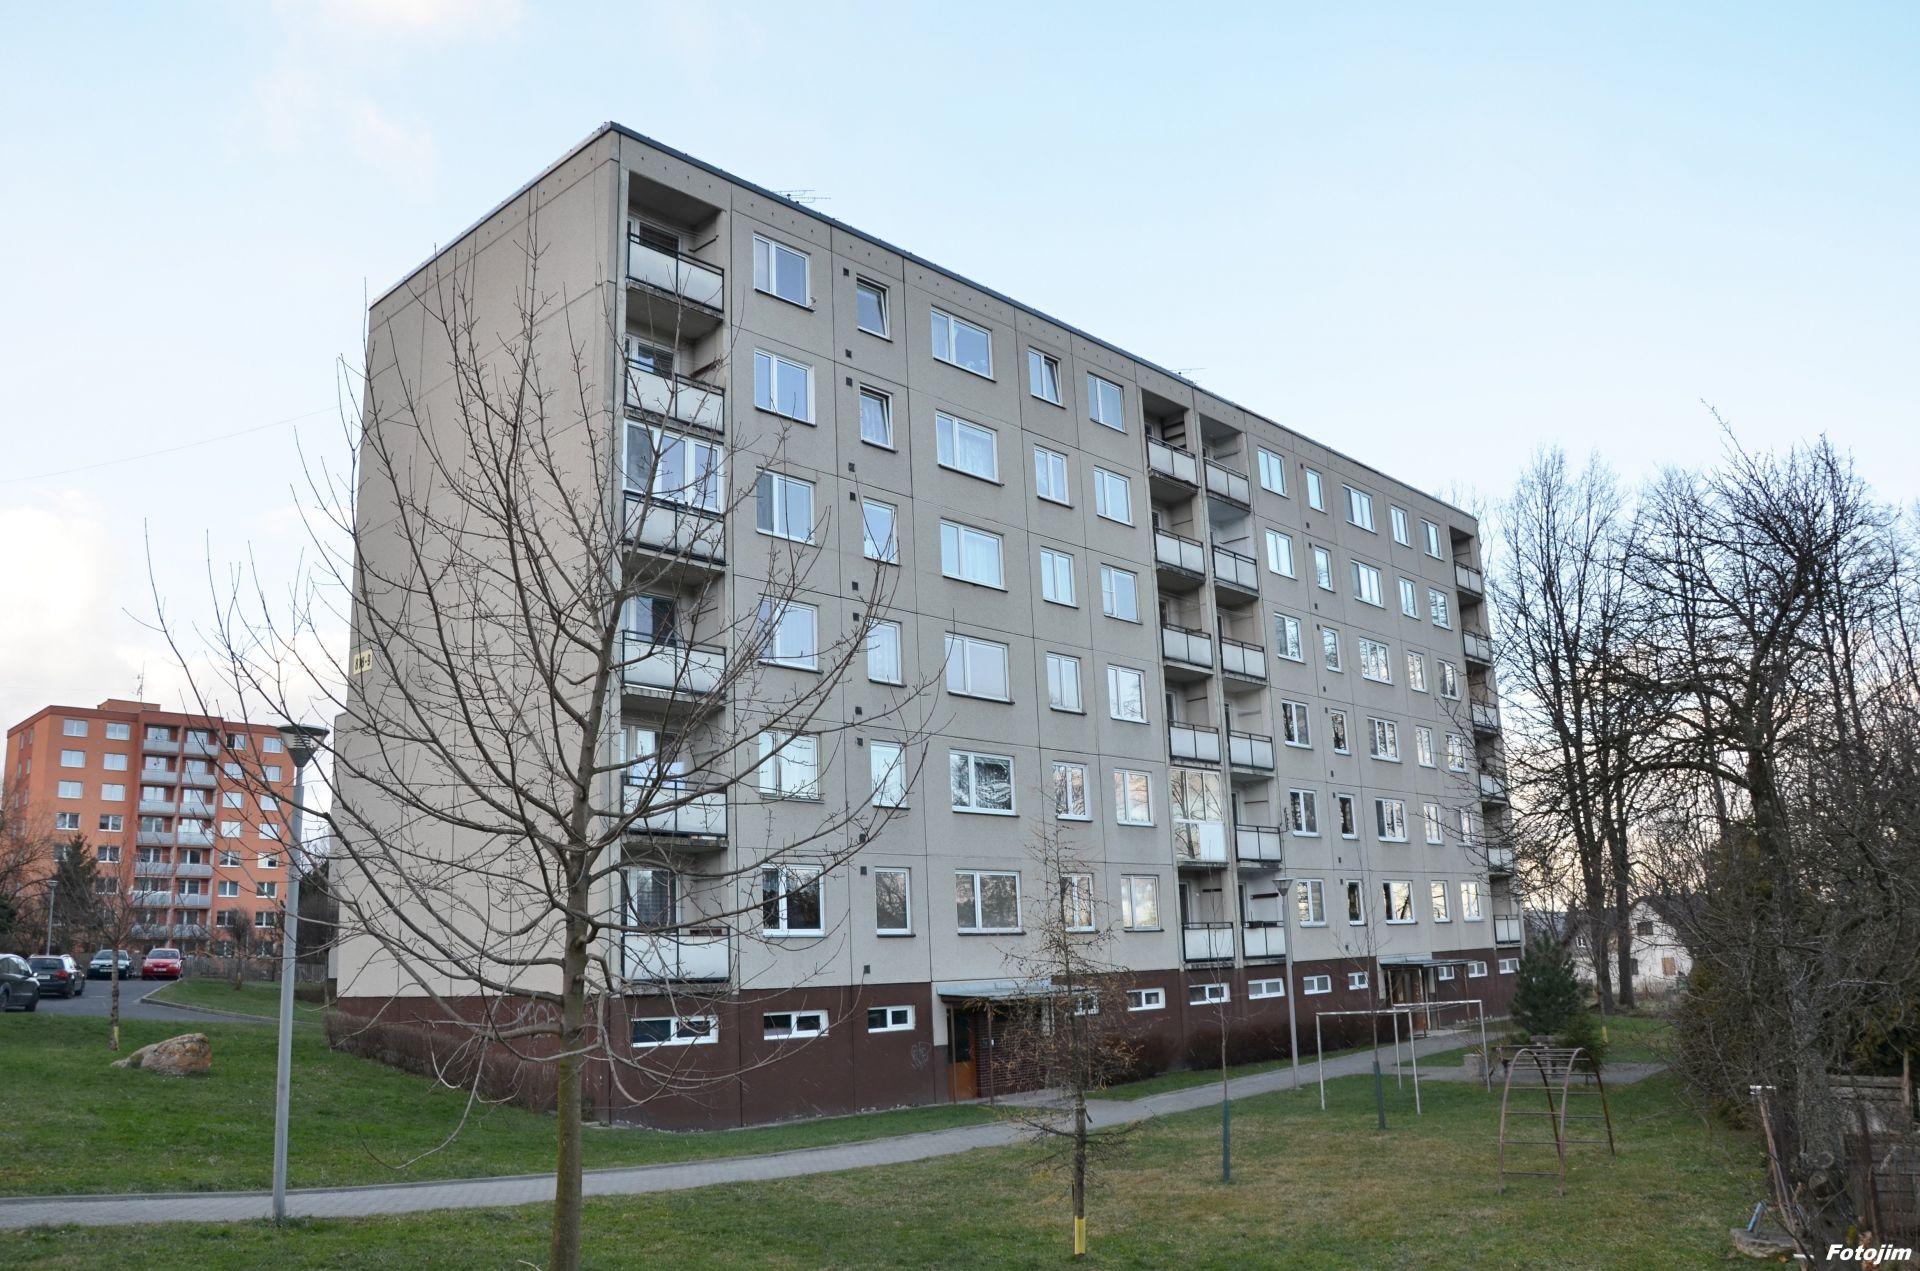 prodej slunného bytu 3+1 76 m2 na Sídlišti Zlaté Hory